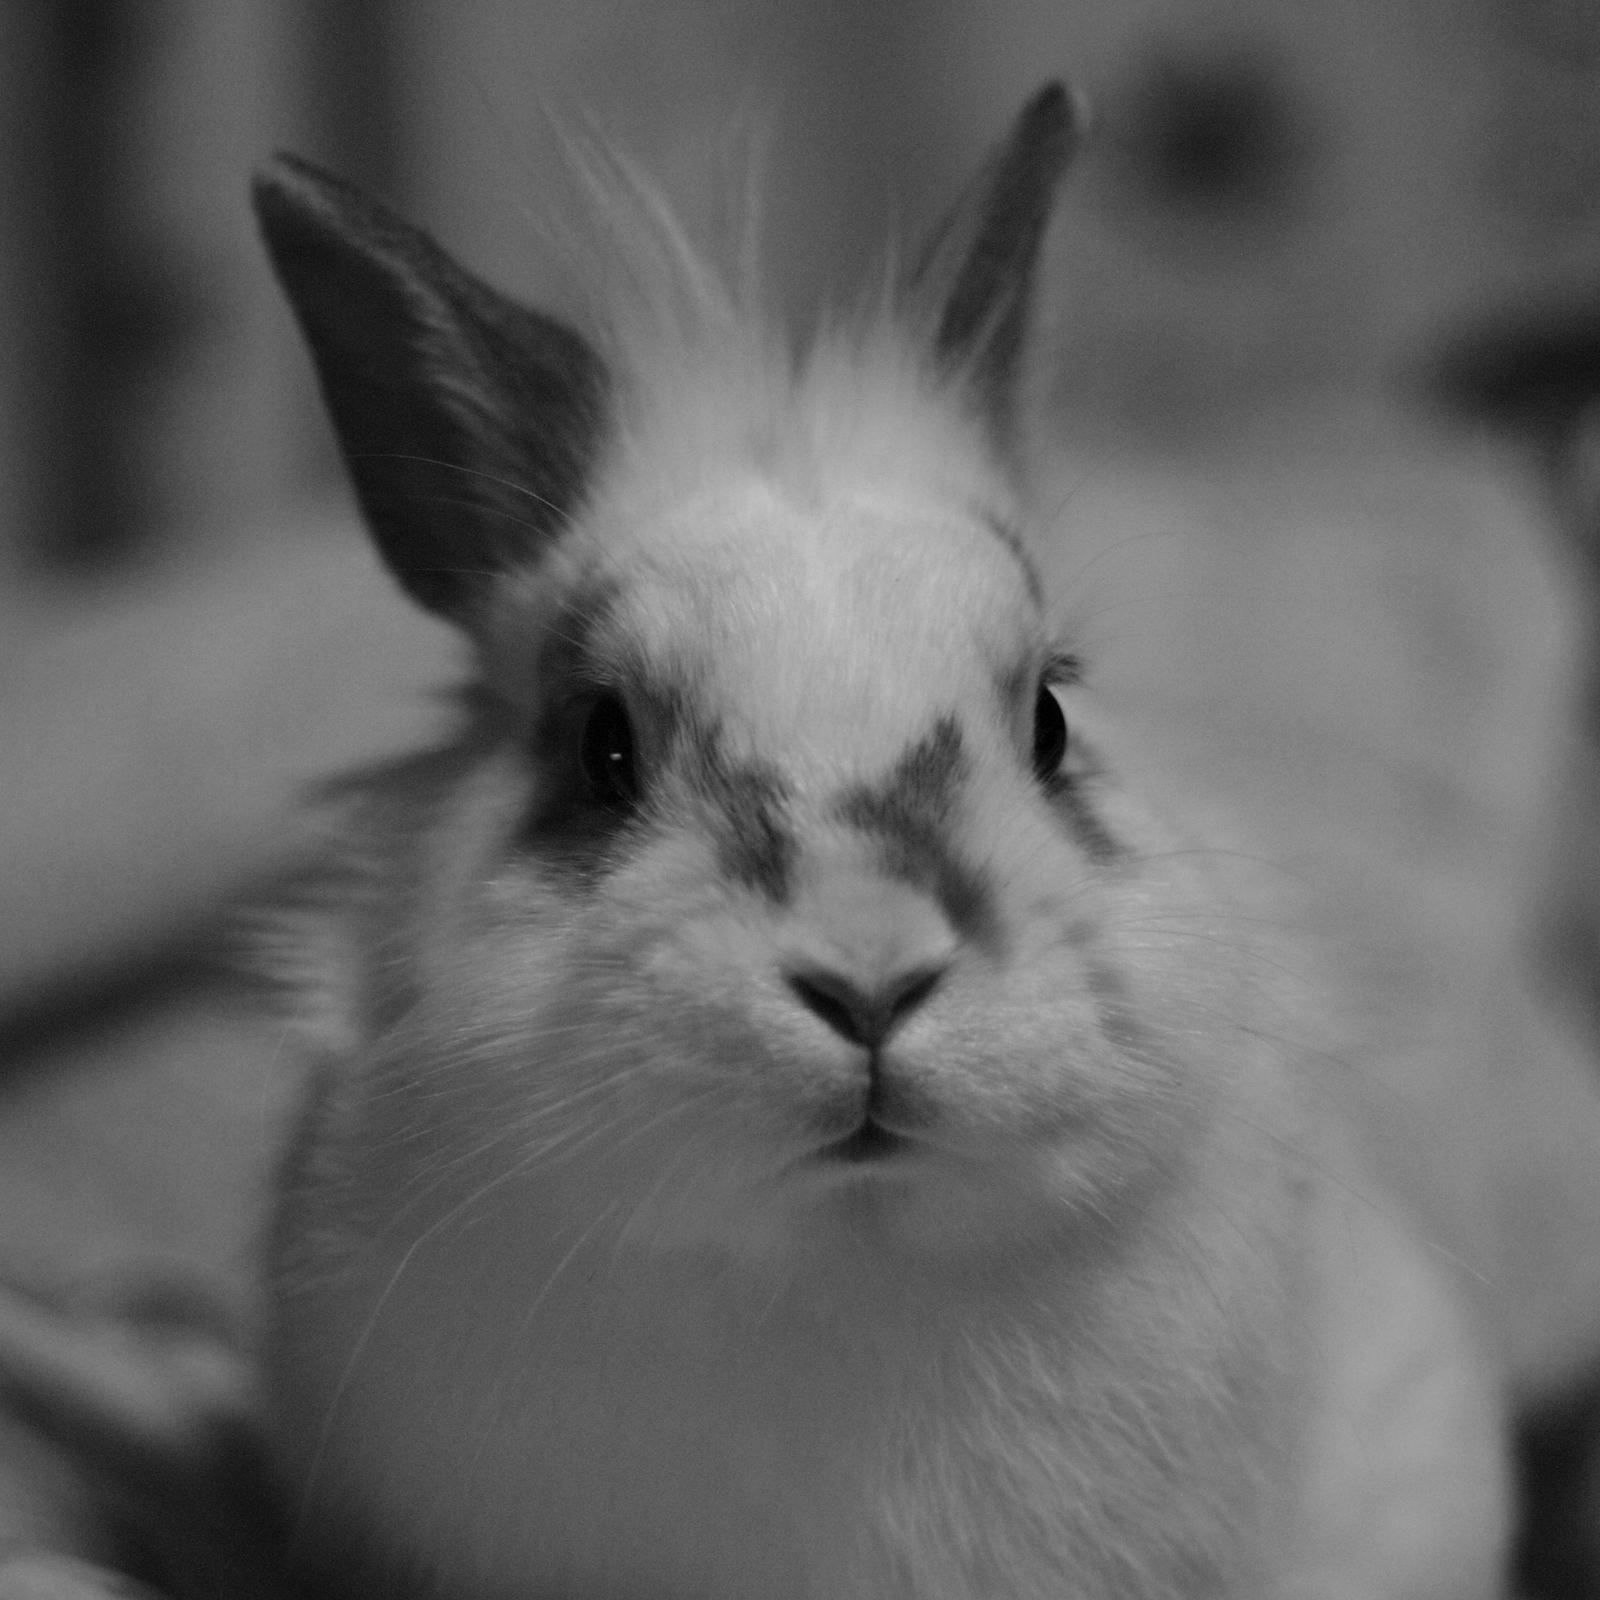 Bunny Portrait by Burtn